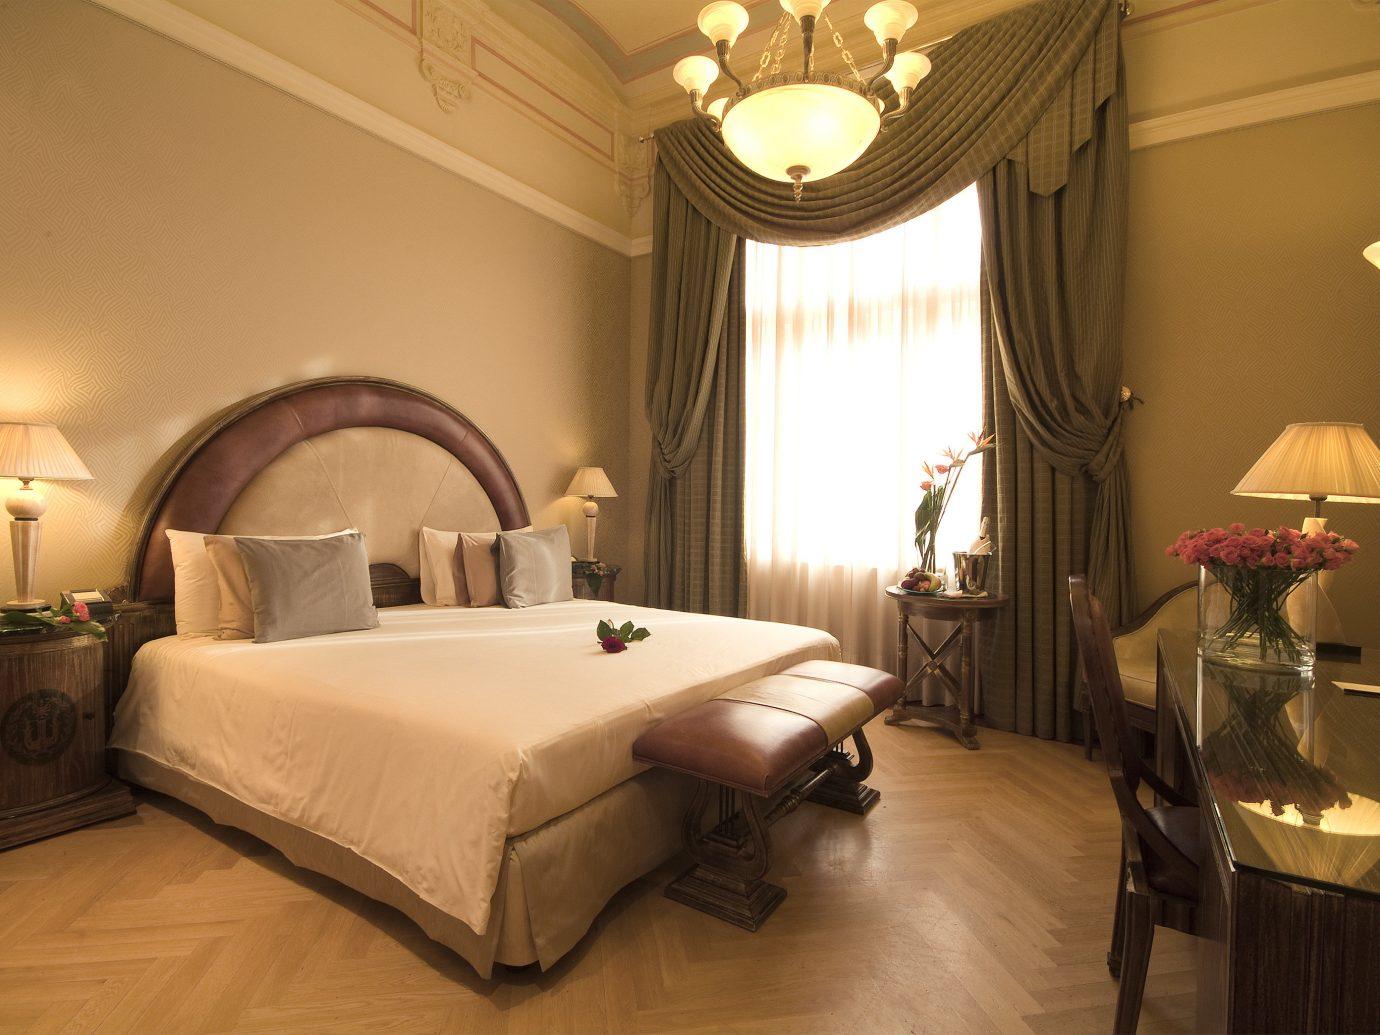 europe Hotels Prague indoor wall floor bed room property Bedroom Suite estate interior design hotel cottage living room real estate